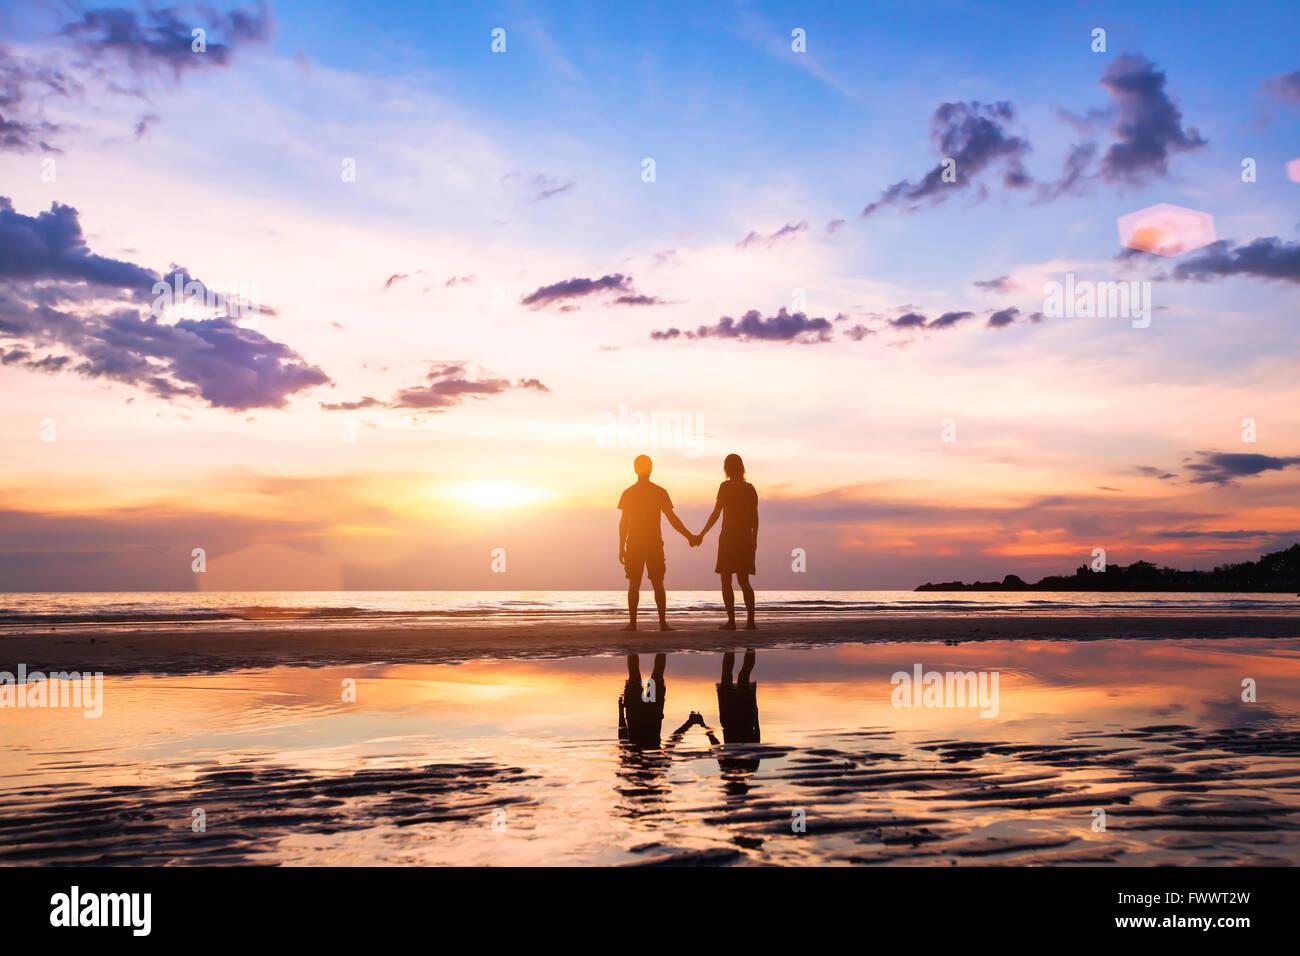 Coppia romantica sulla spiaggia al tramonto, sagome di uomo e donna insieme Immagini Stock